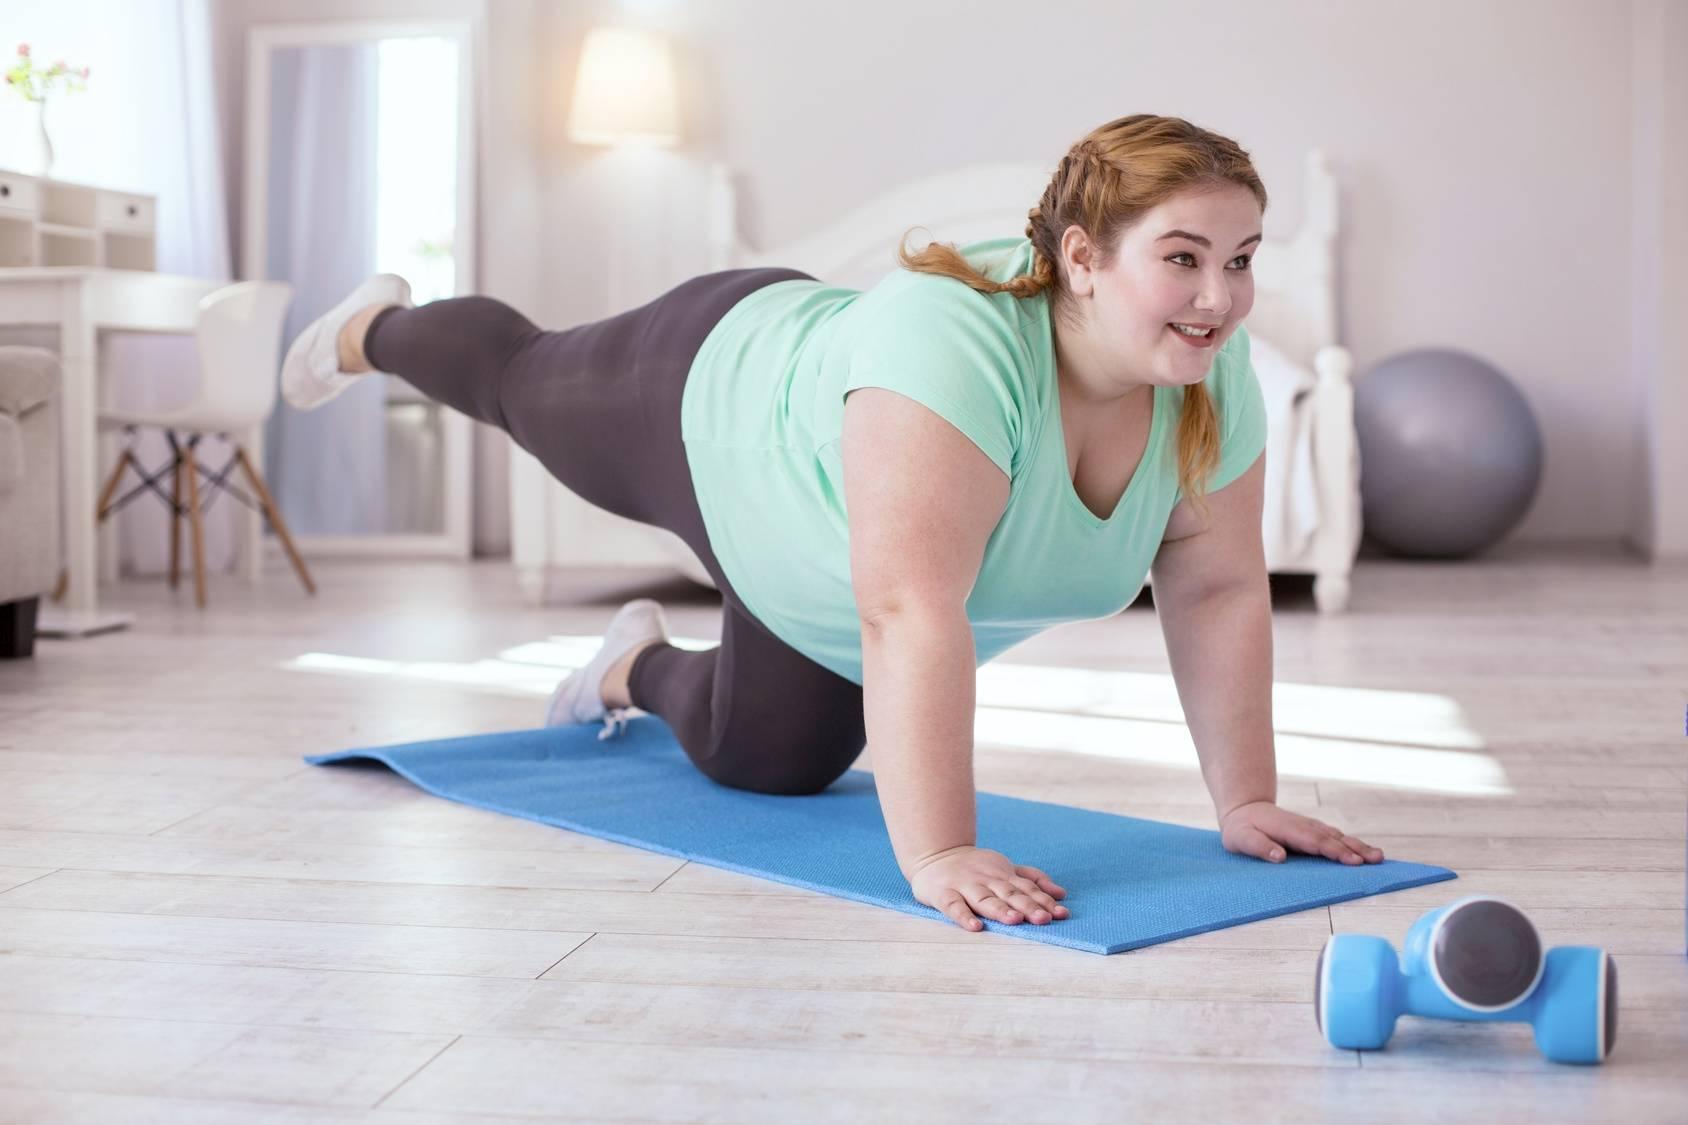 Otyłość - jak sobie z nią poradzić? Ćwiczenia fizyczne.